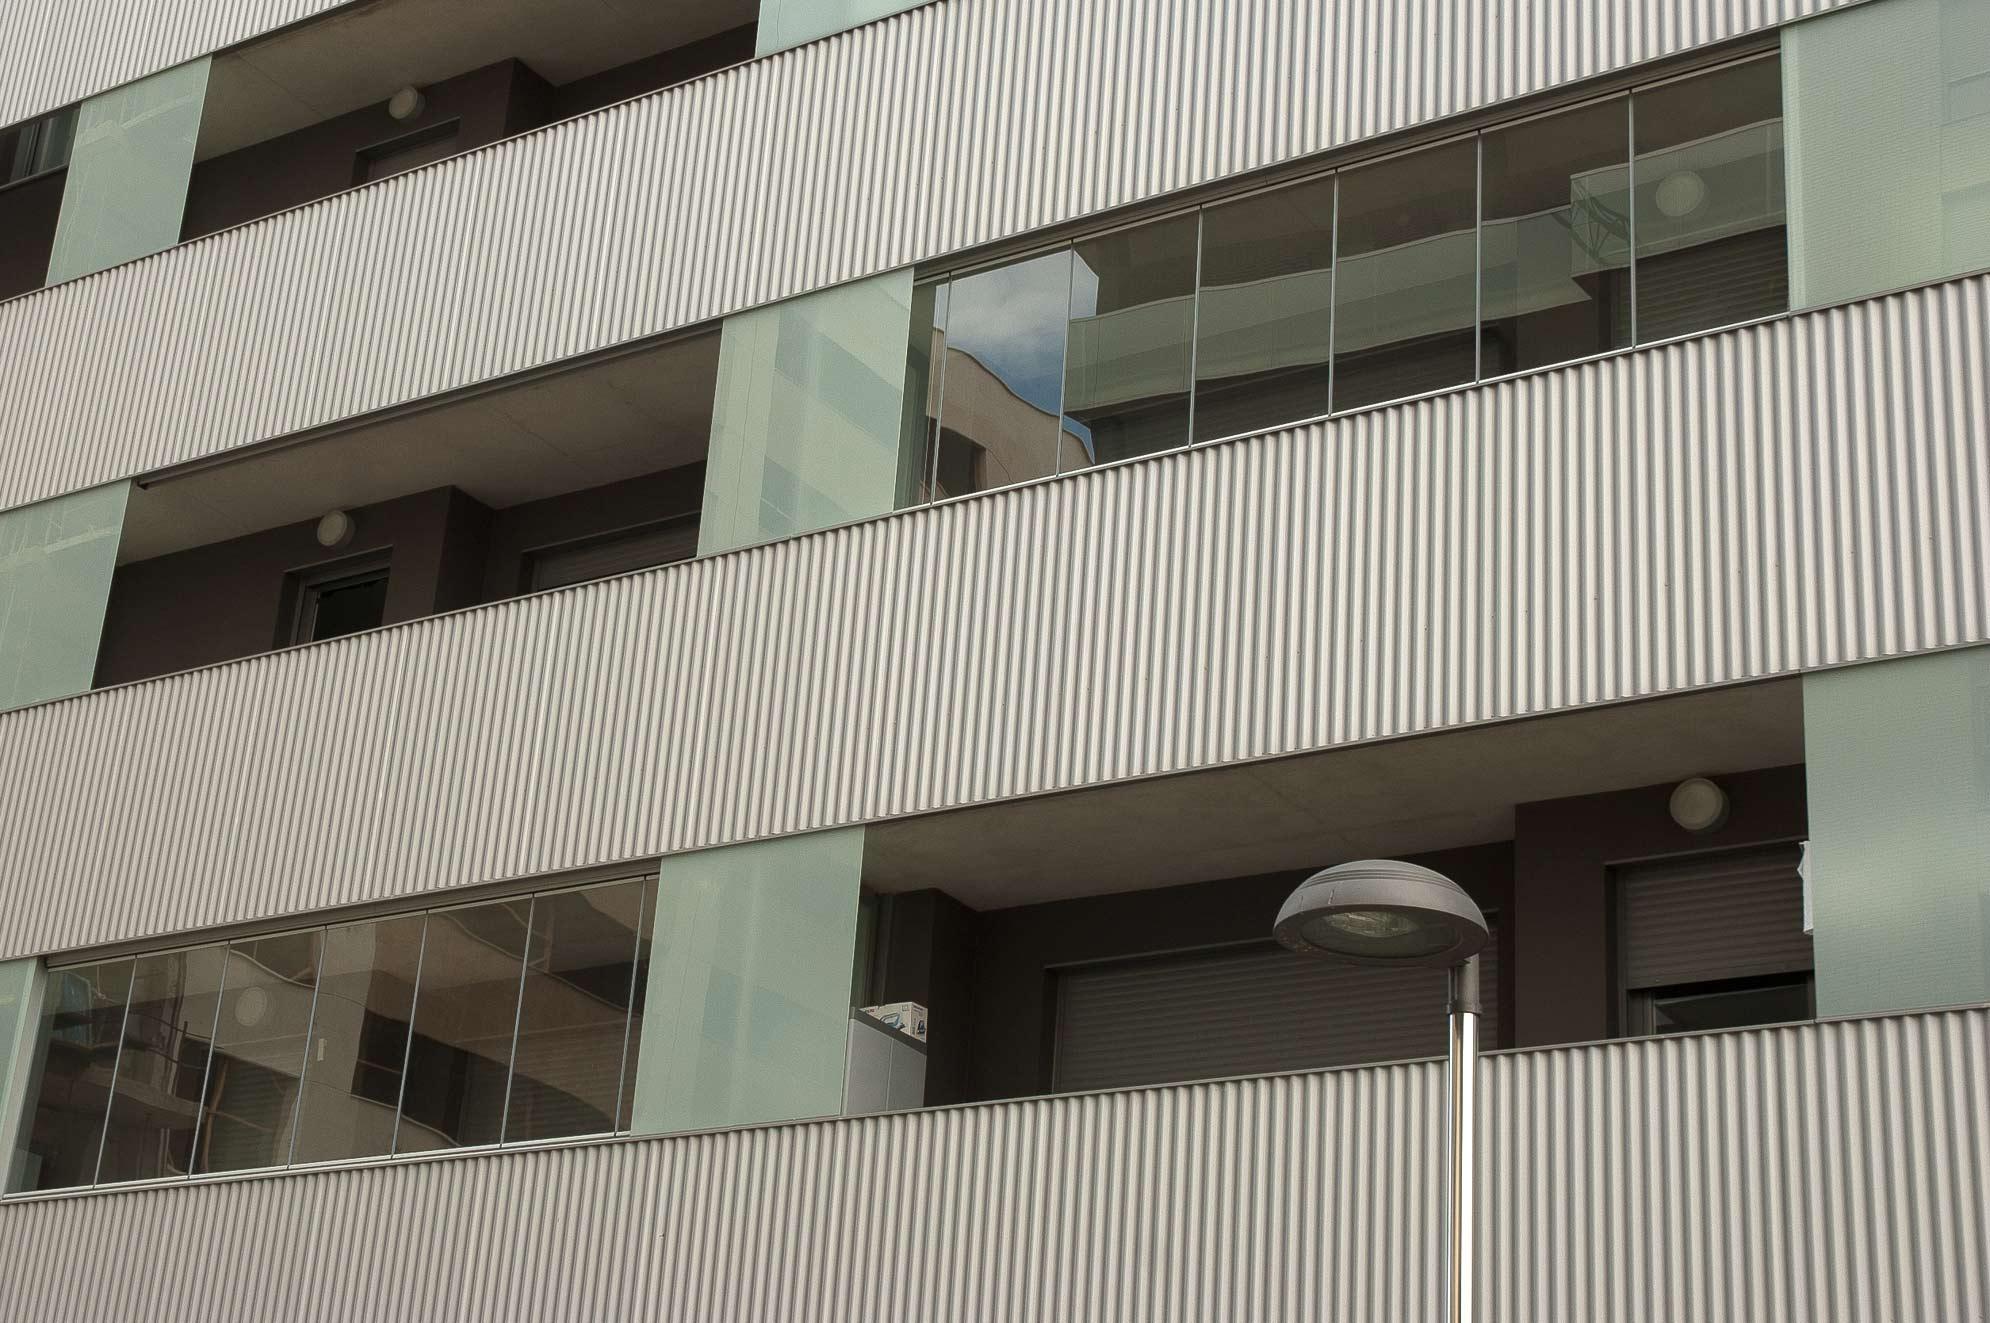 edificios-acristalados-lumon-7